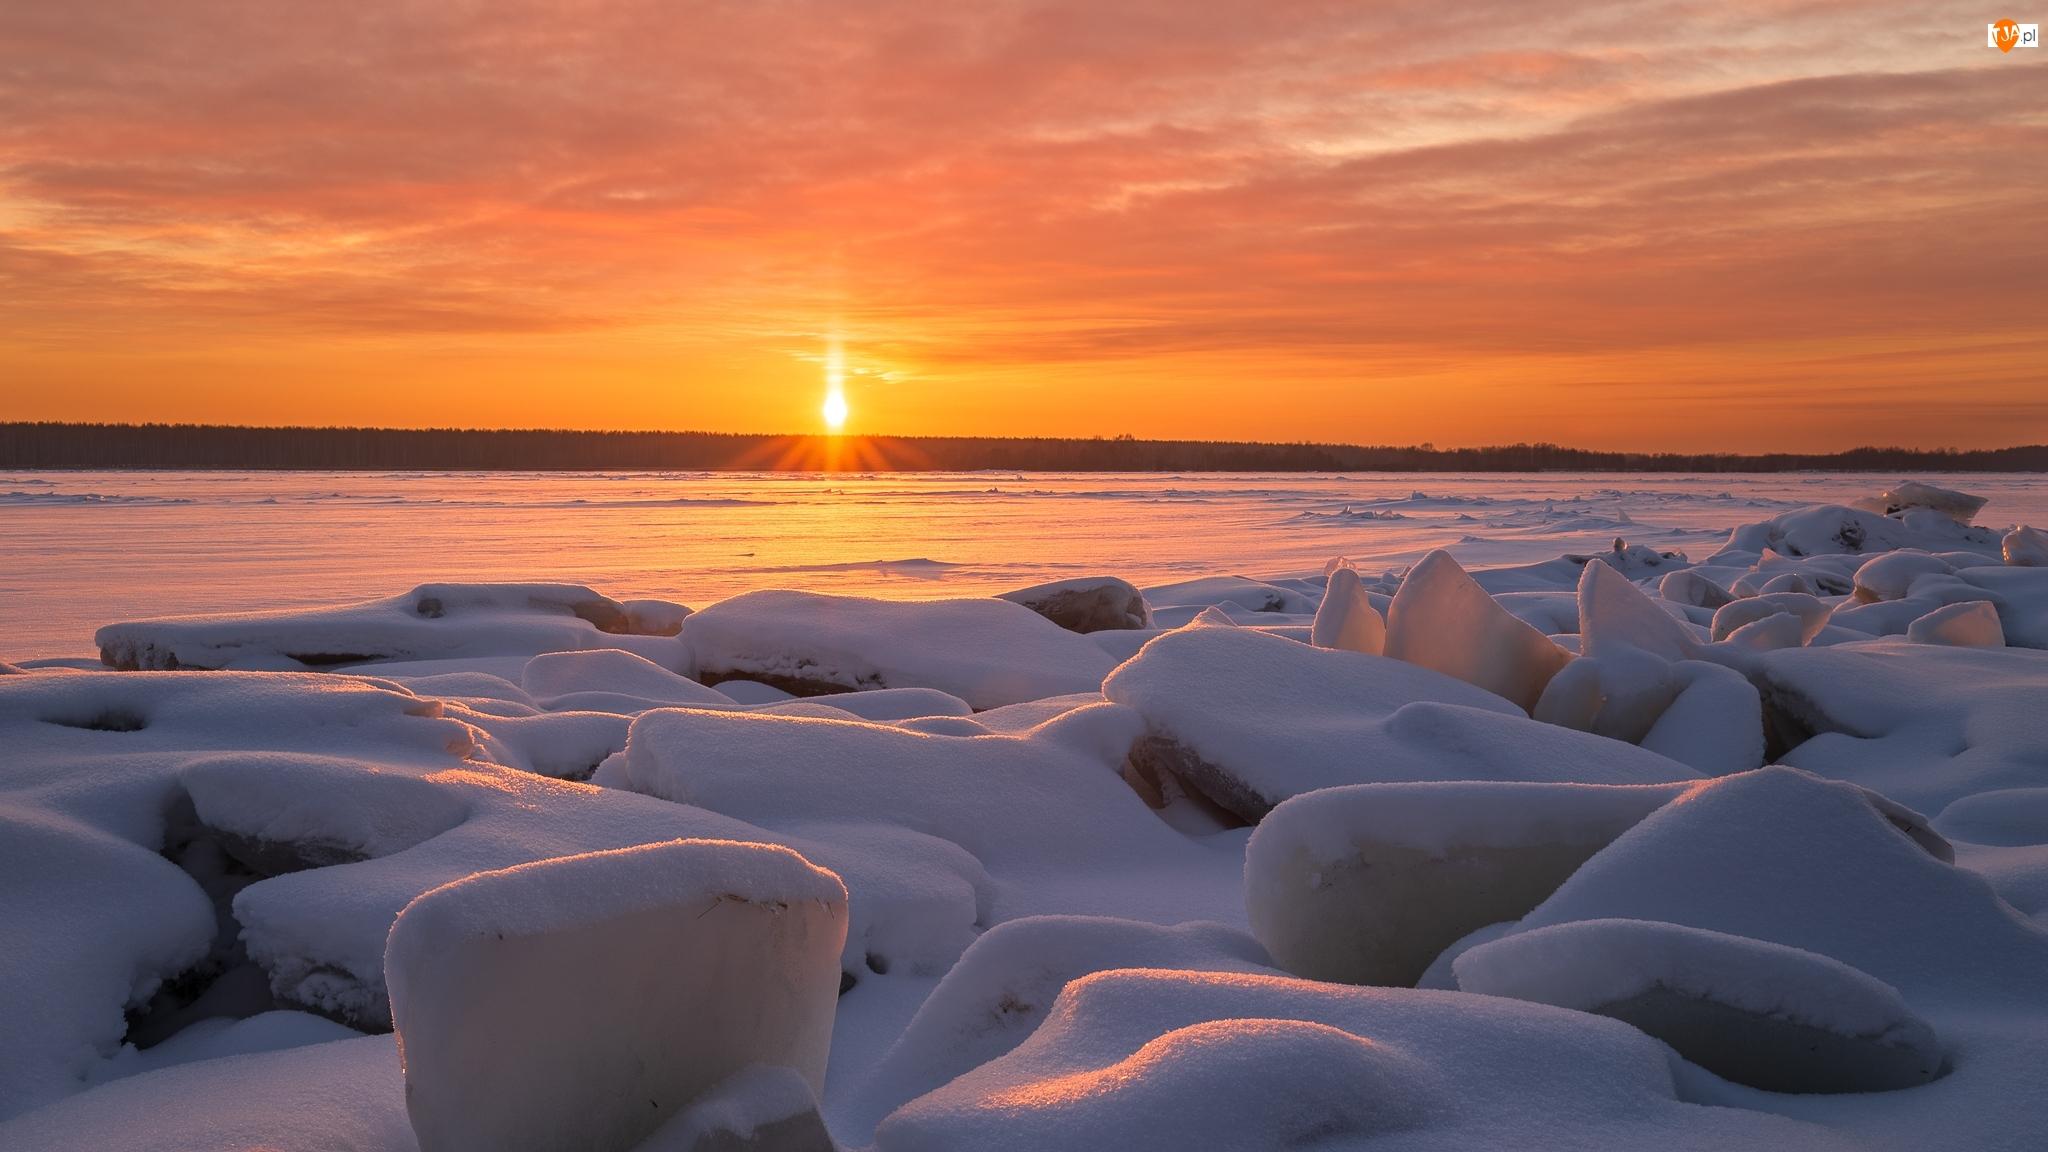 Zachód słońca, Zima, Rzeka Wołga, Rosja, Kry, Kostroma